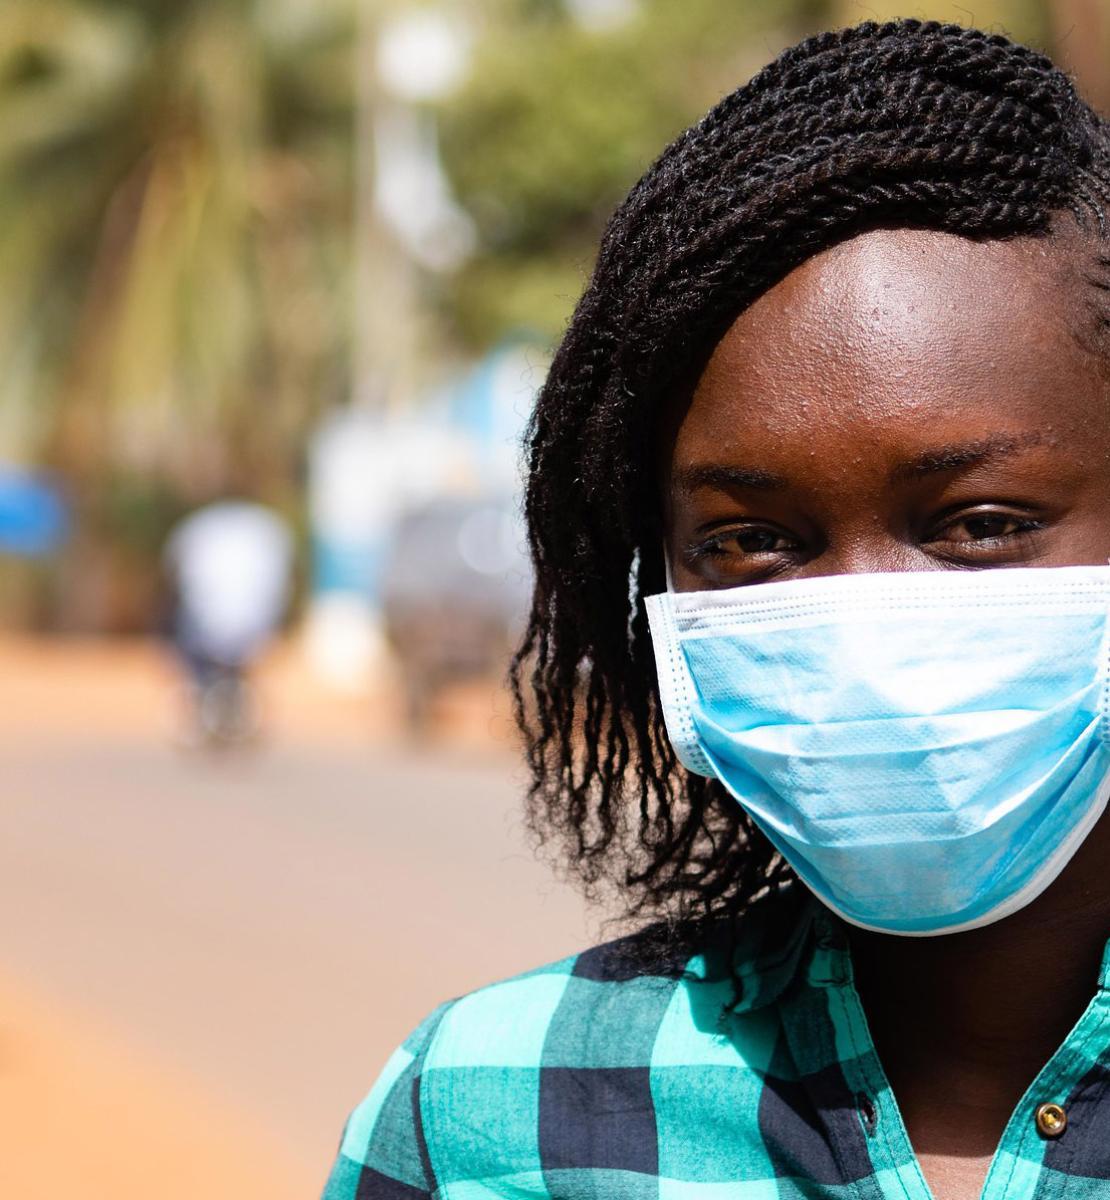 Un primer plano medio de una adolescente con una máscara facial mirando conmovedoramente a la cámara.